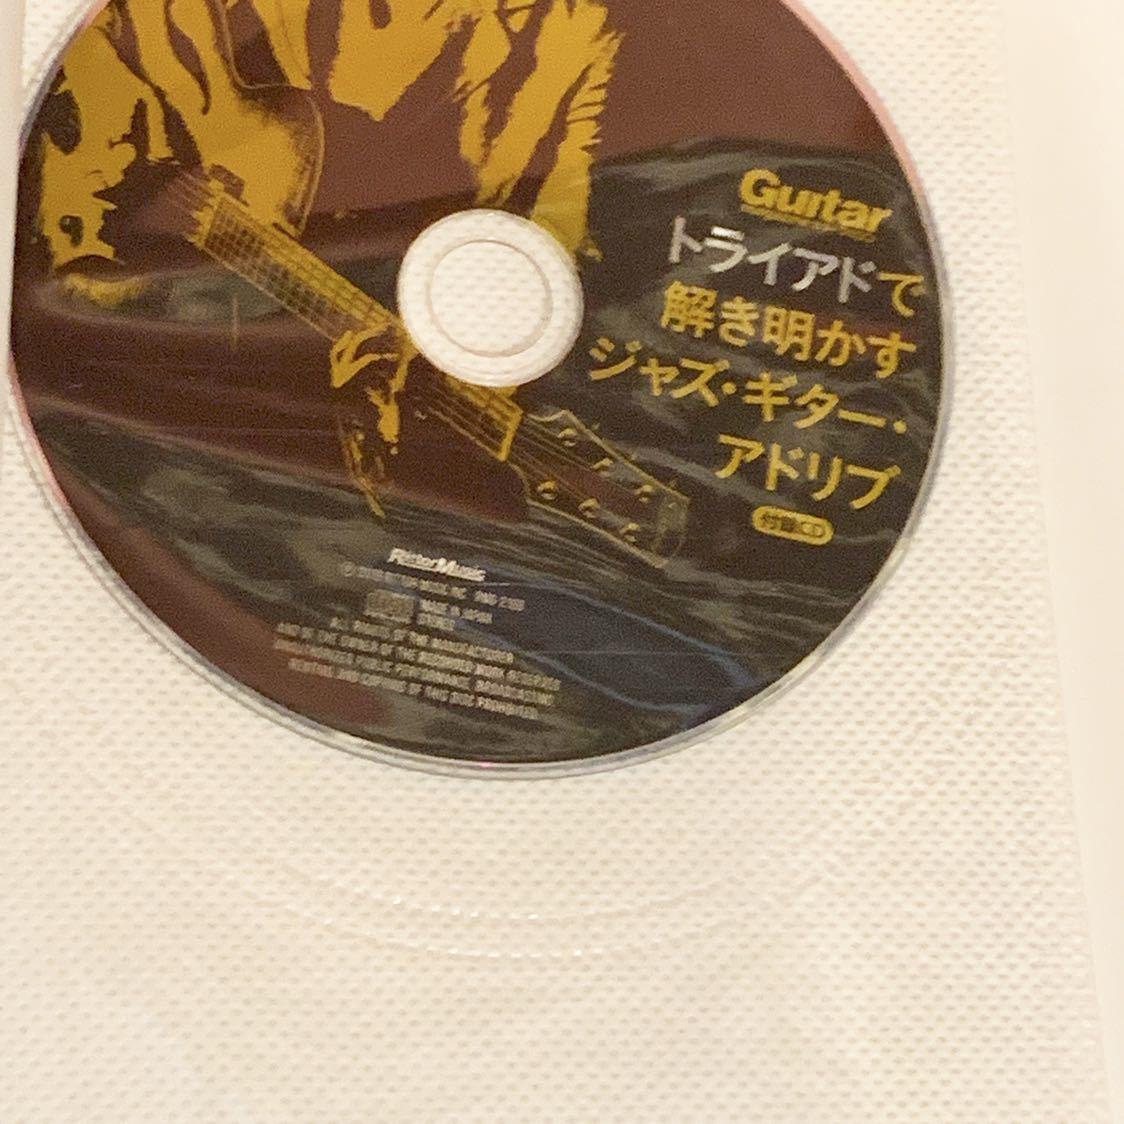 【5のつく日】 トライアドで解き明かすジャズ・ギター・アドリブ ビバップからコンテンポラリーまで完全対応! CD付 永井 義朗 送料185円~_画像3